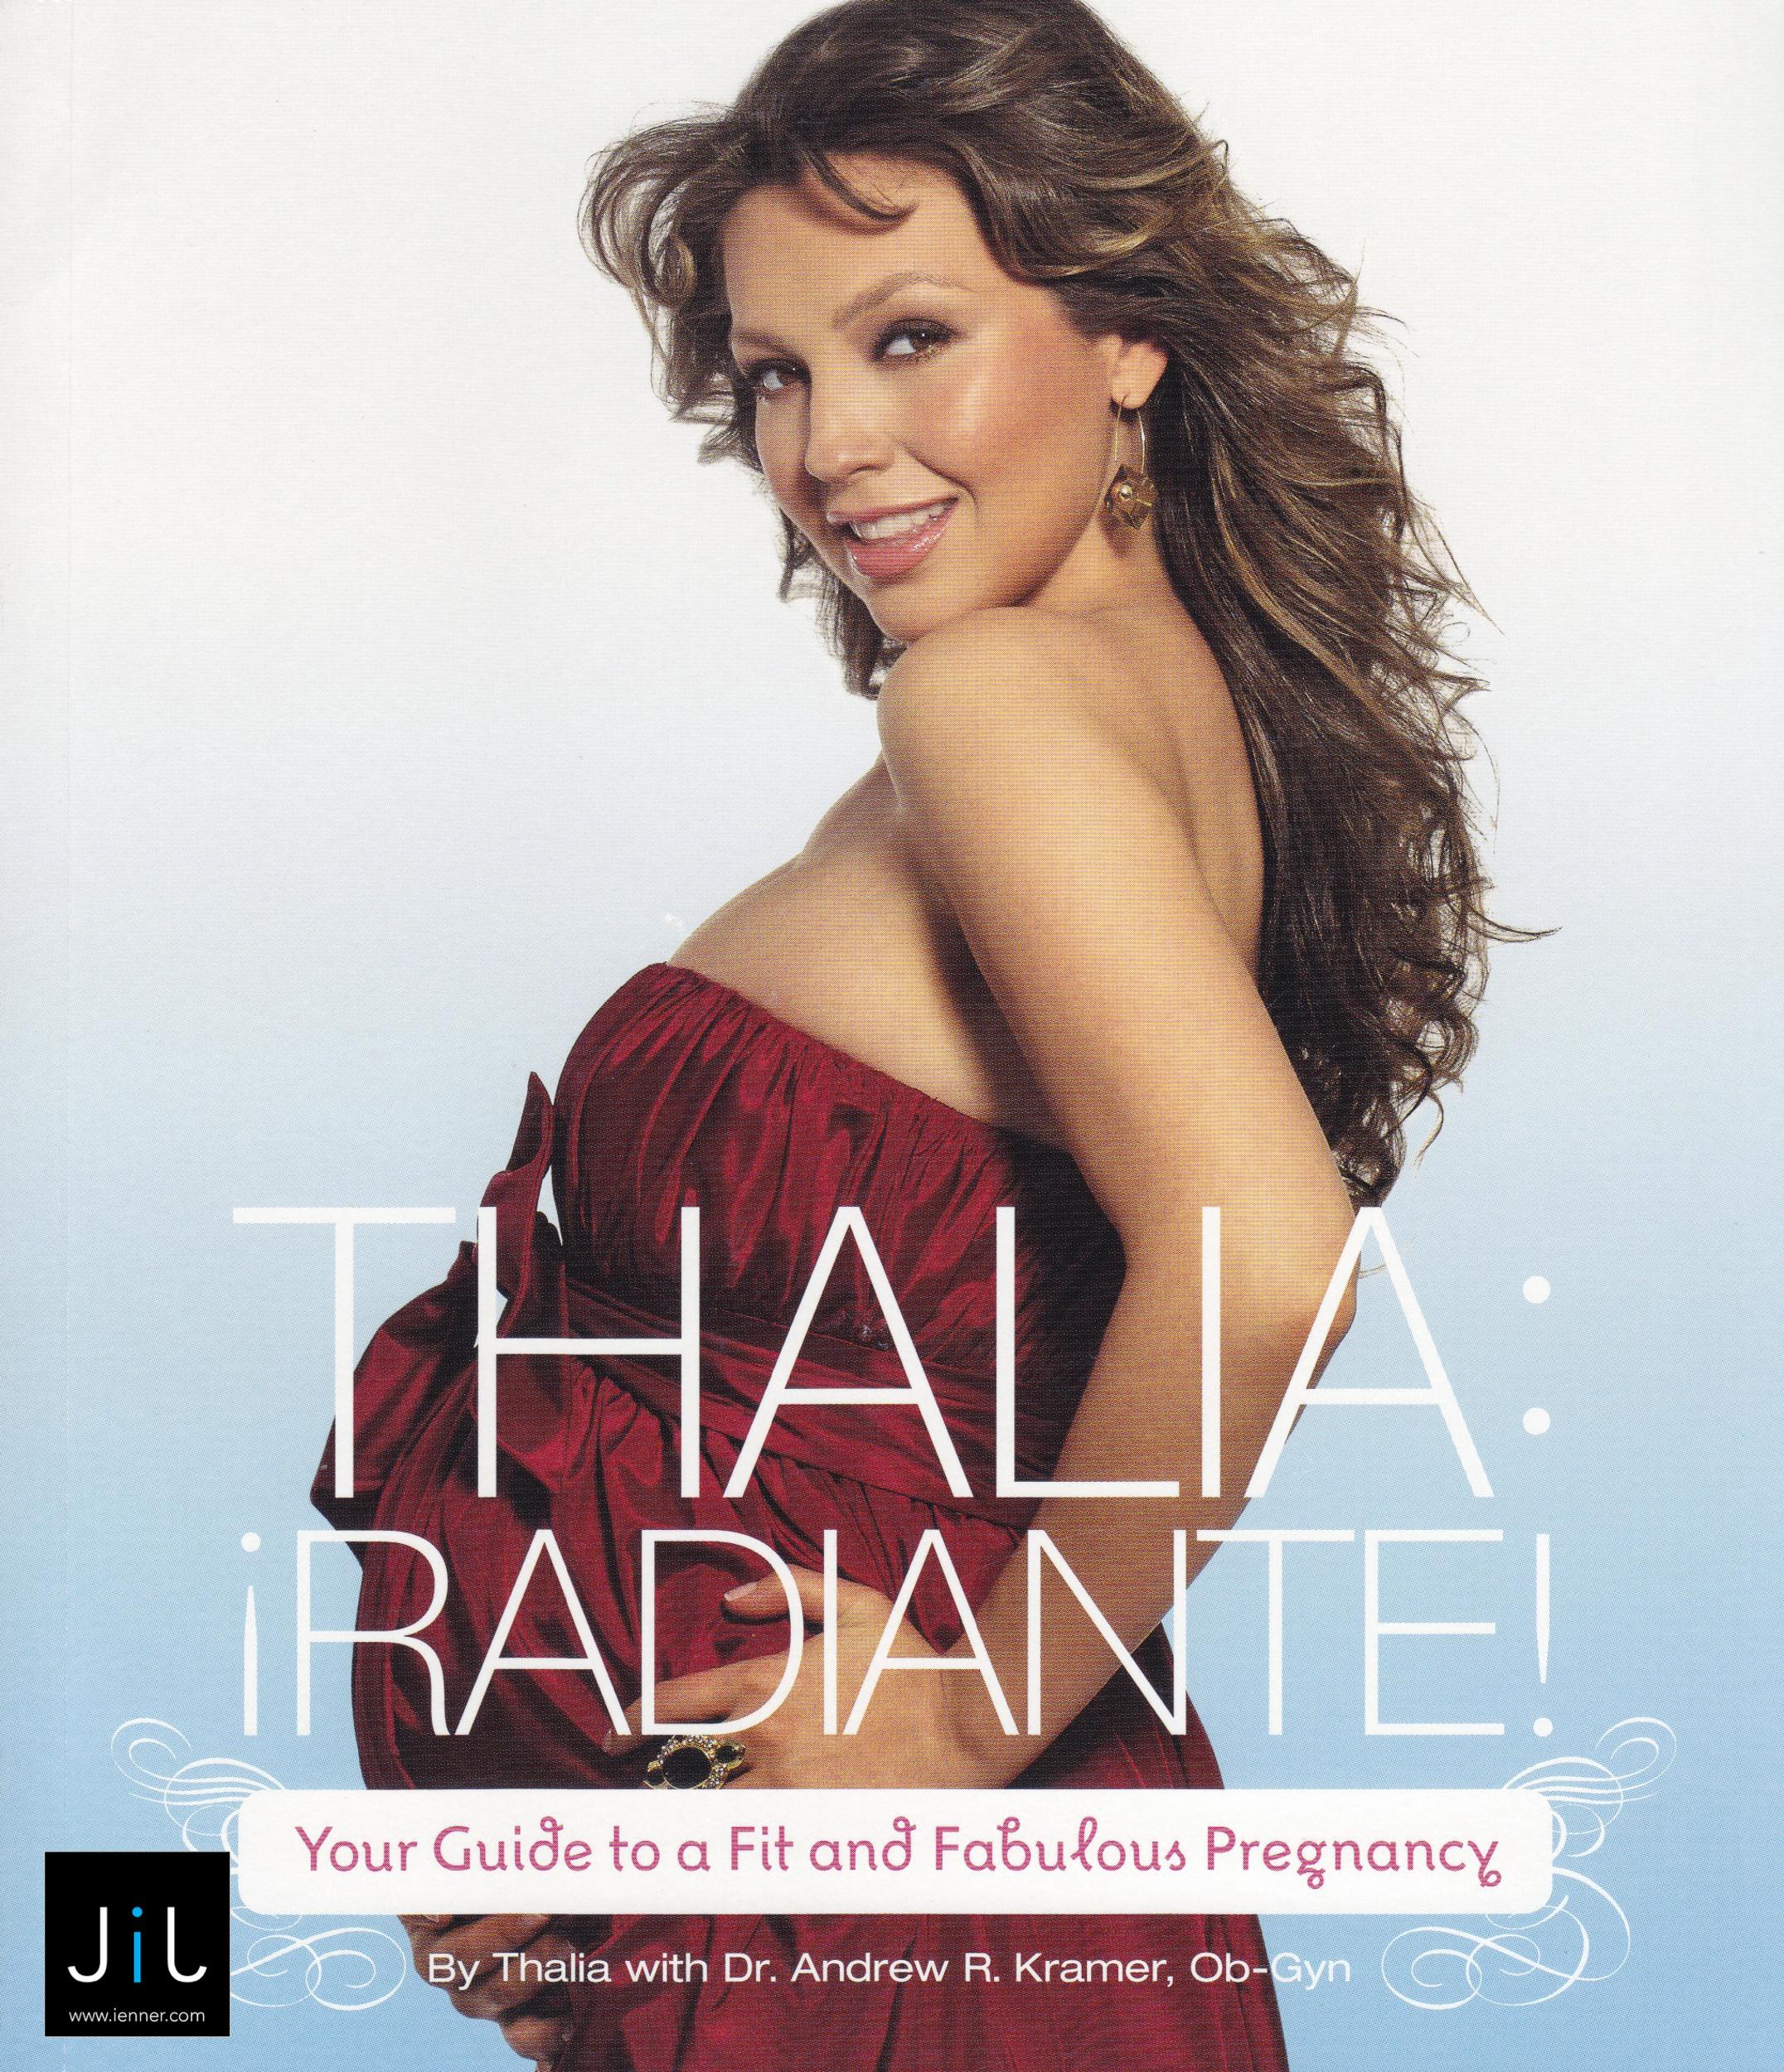 Thalia book cover 1.jpg